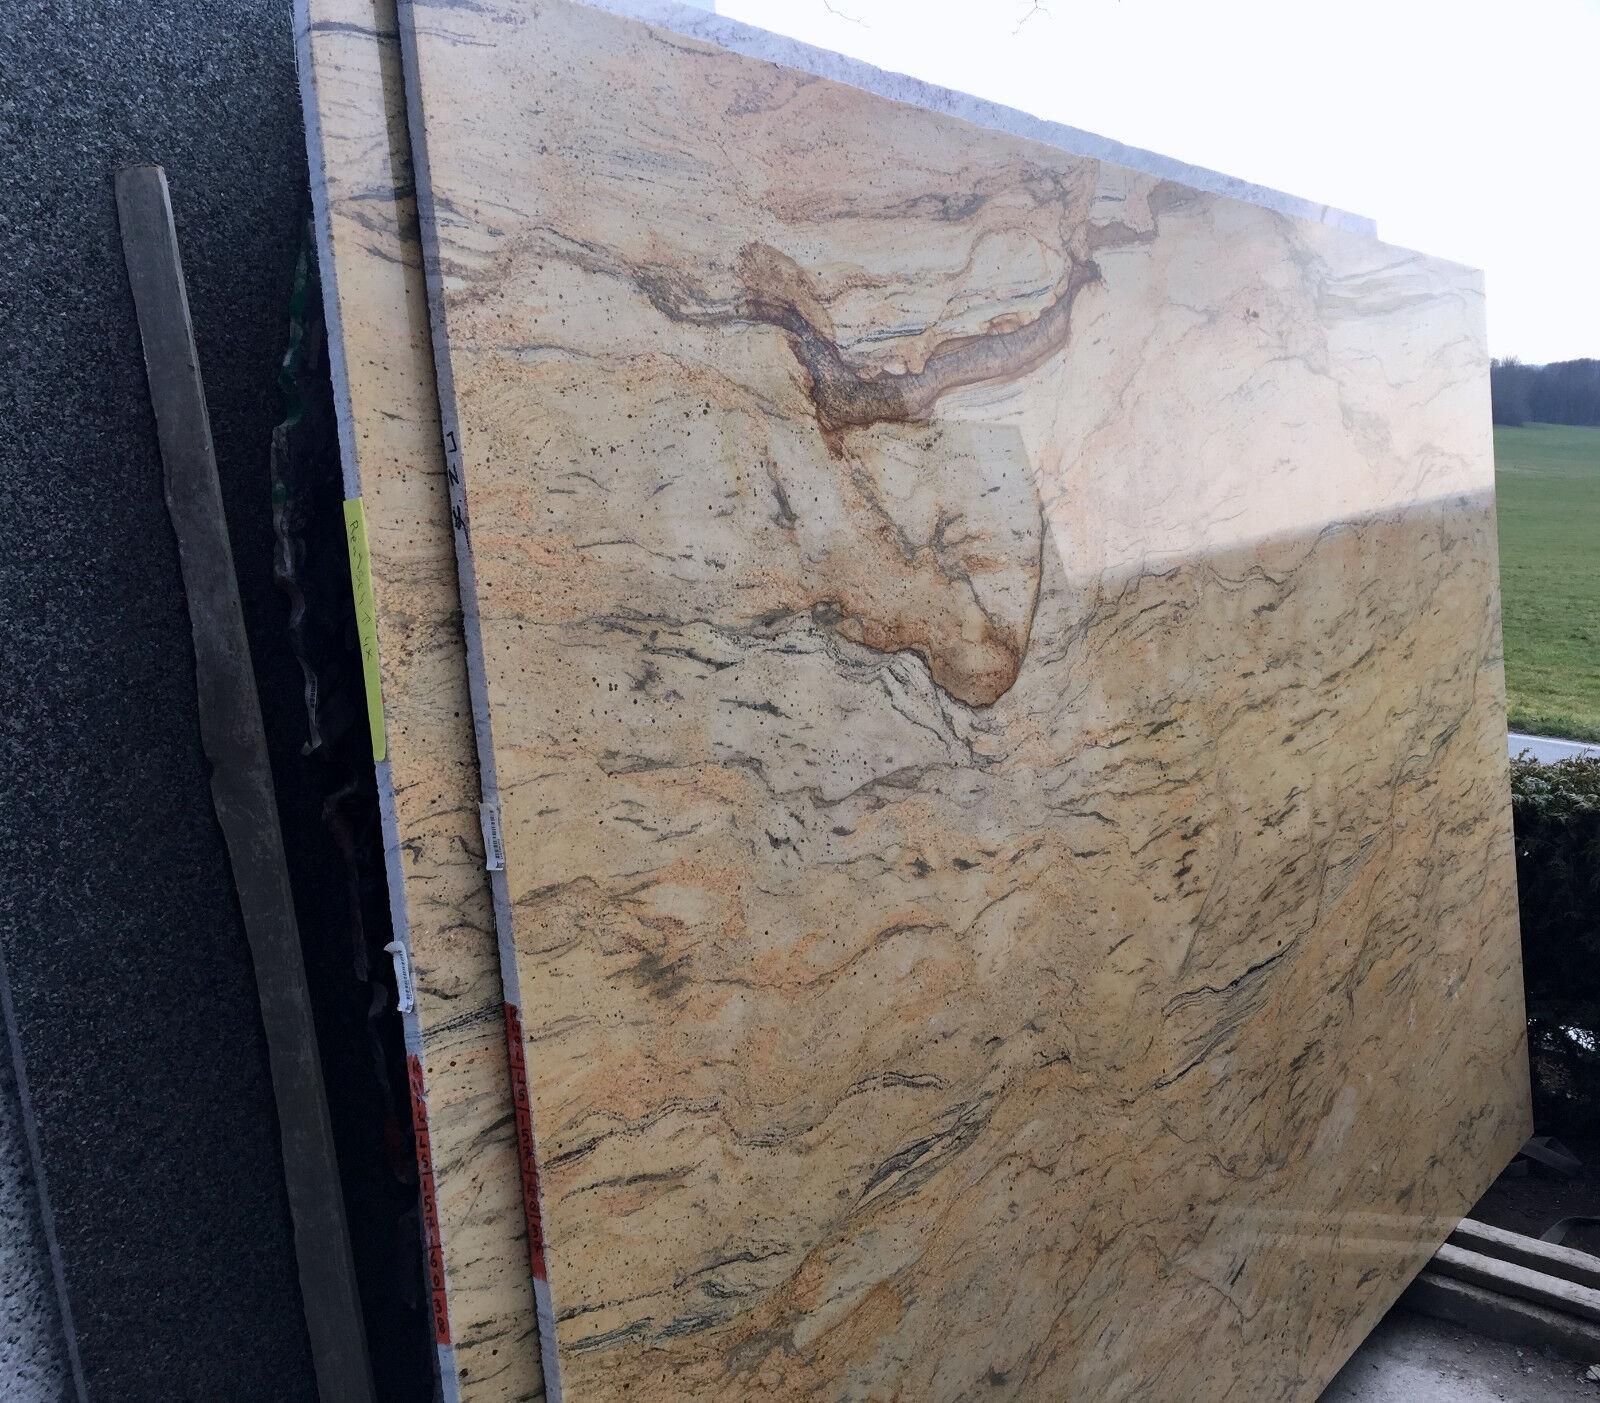 naturstein beige f r fensterbank tischplatte arbeitsplatte k che abdeckung stein eur 164 99. Black Bedroom Furniture Sets. Home Design Ideas